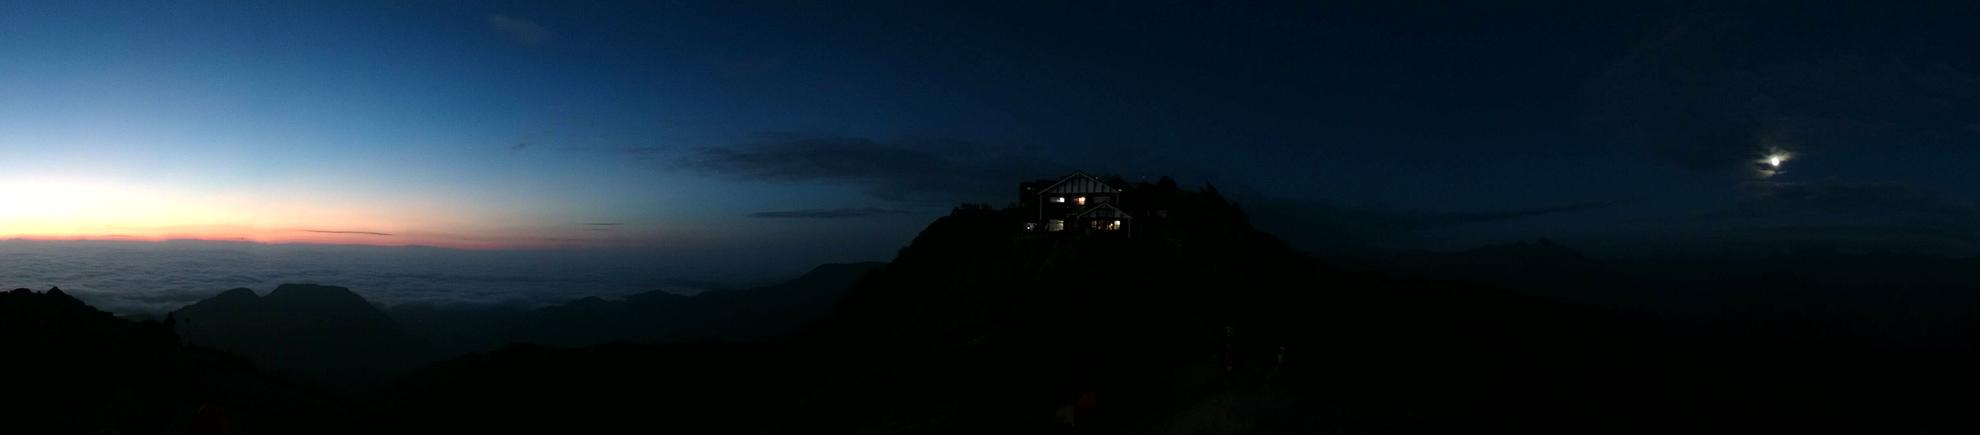 未明の燕山荘